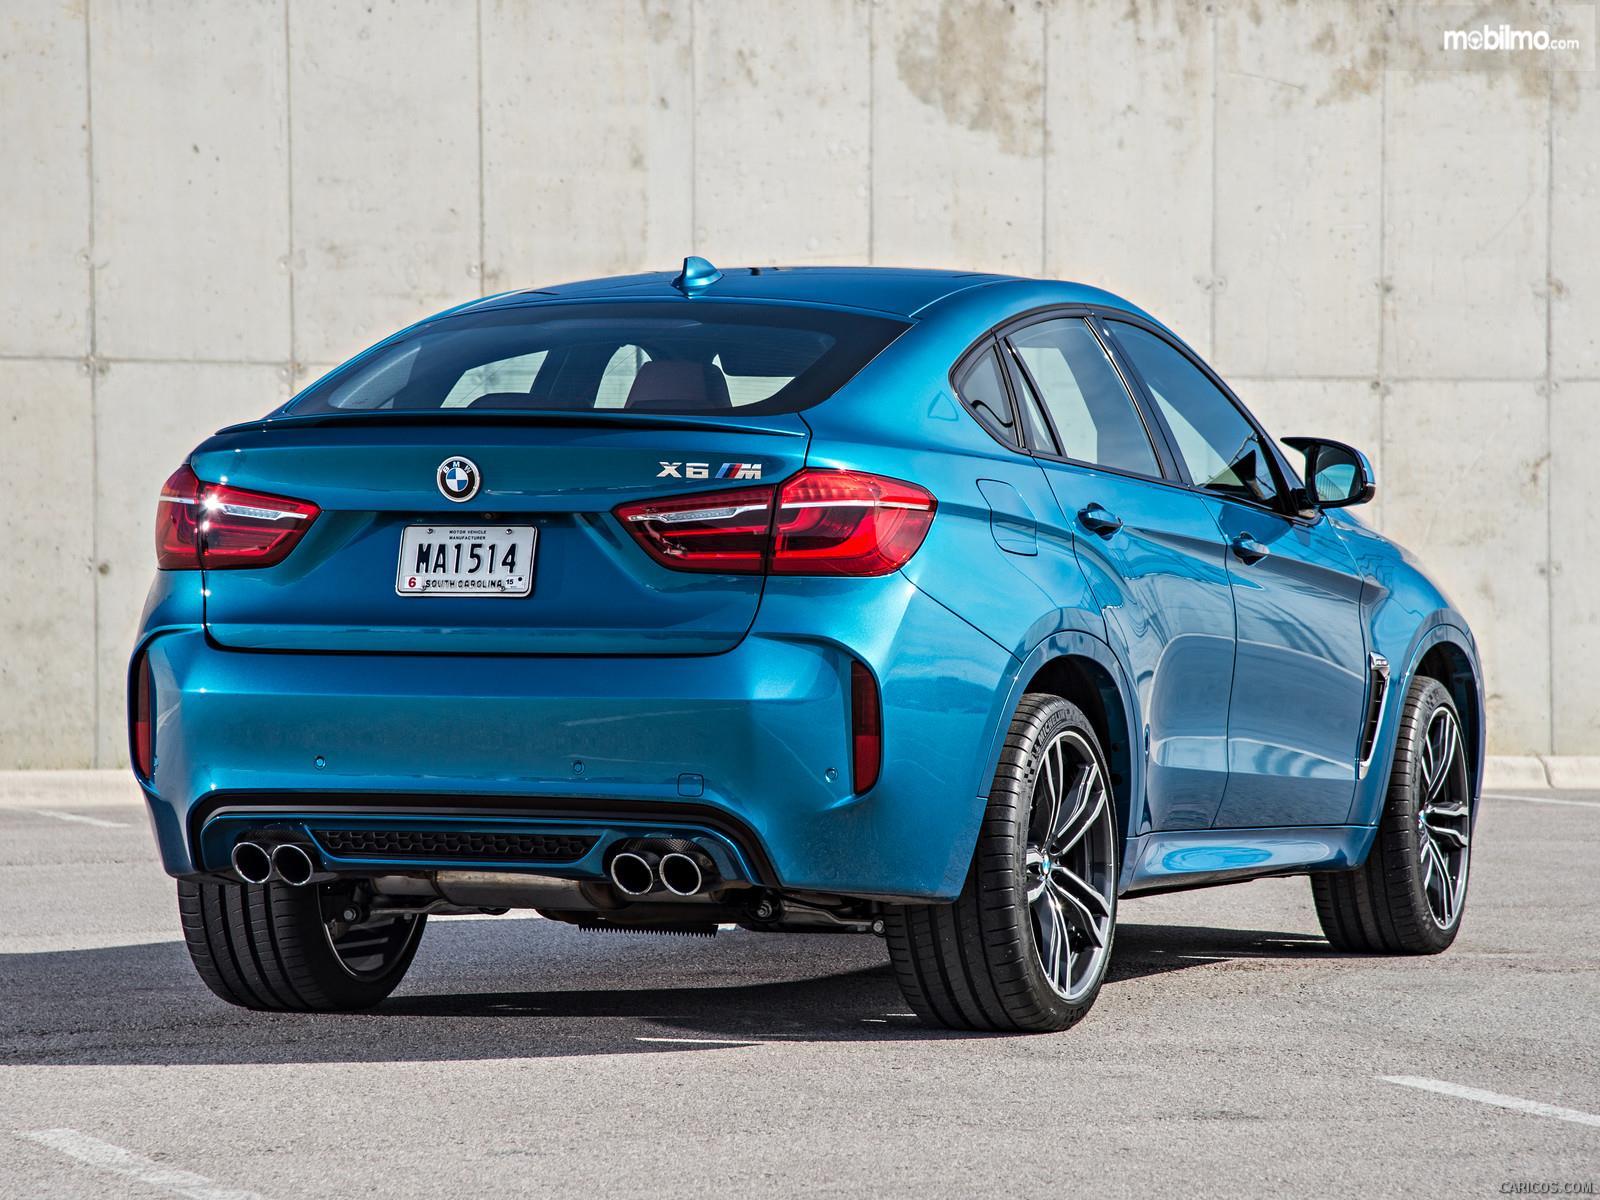 Foto Mesin BMW X6 M 2018 diambil dari arah samping belakang, juga cukup menarik